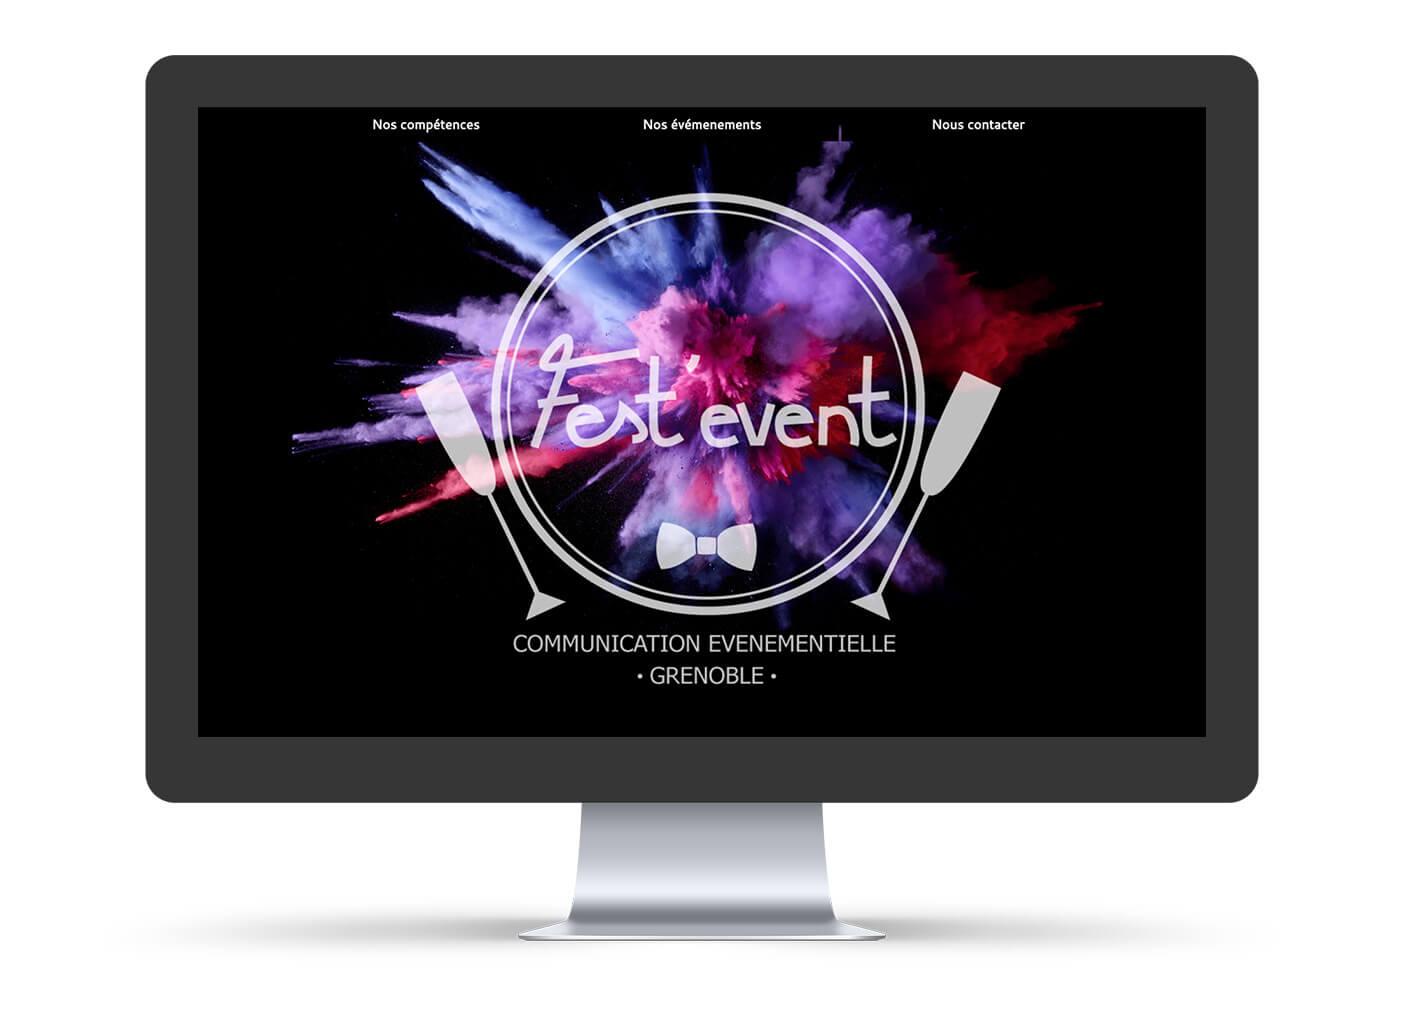 développement site web festevent